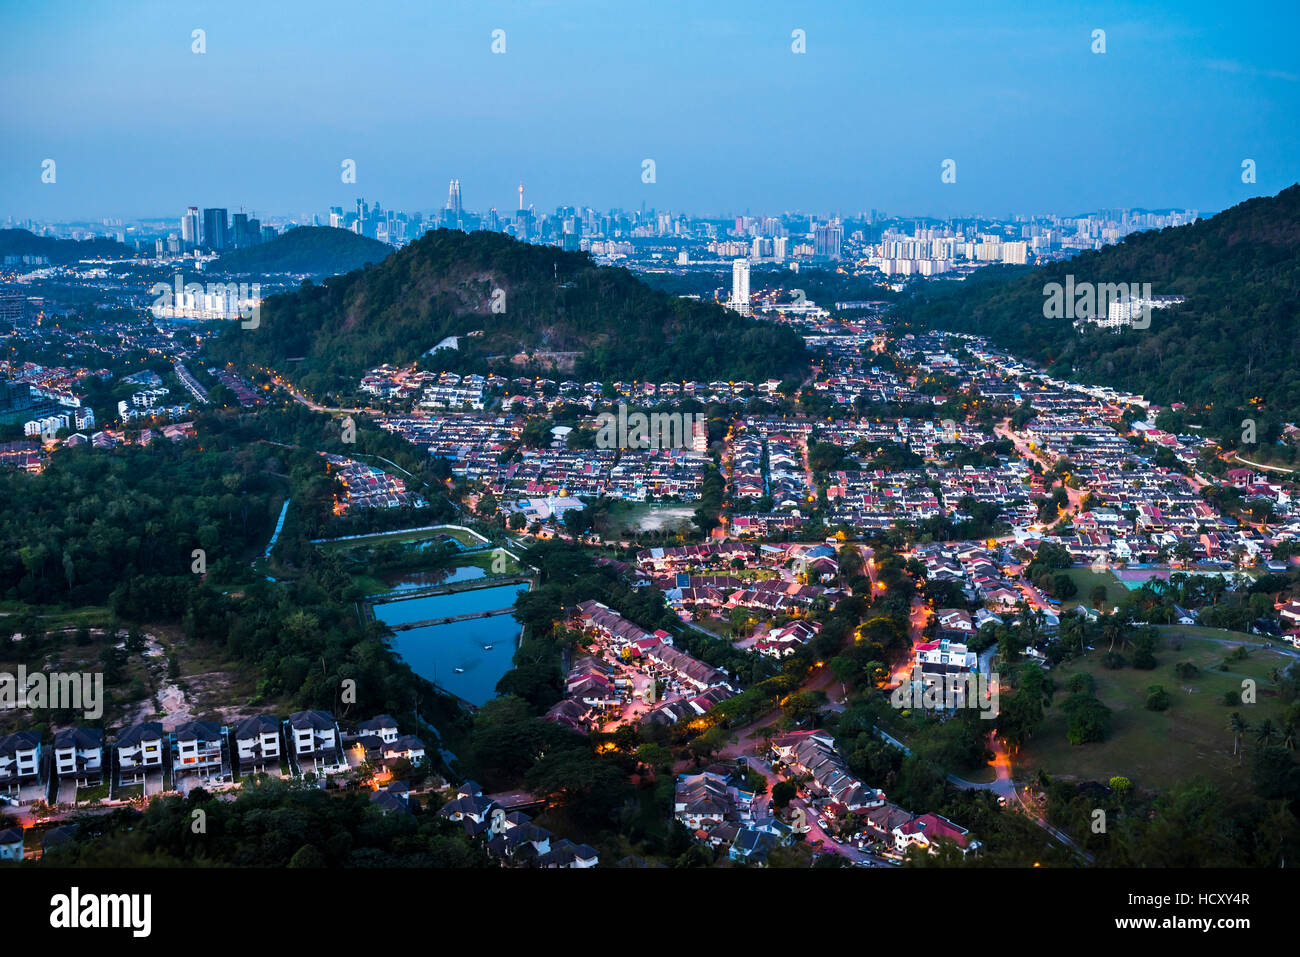 Horizonte de Kuala Lumpur por la noche visto desde Bukit Tabur Montaña, Malasia Imagen De Stock